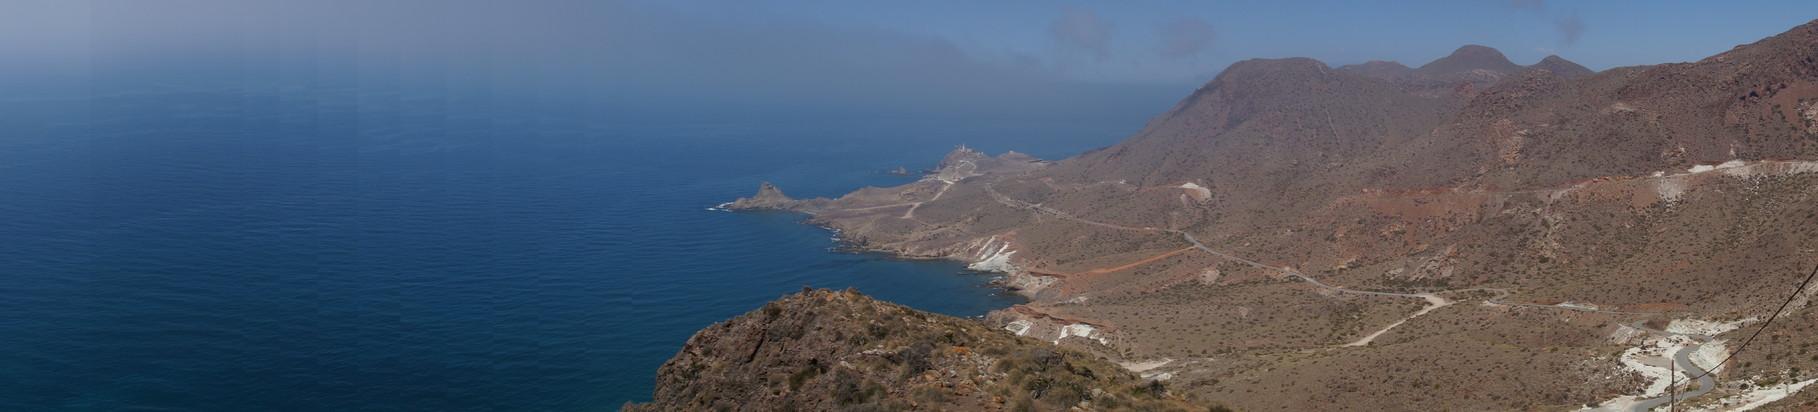 <B>Die höchste Erhebung des Gebiets ist der Pico de los Frailes.</B>